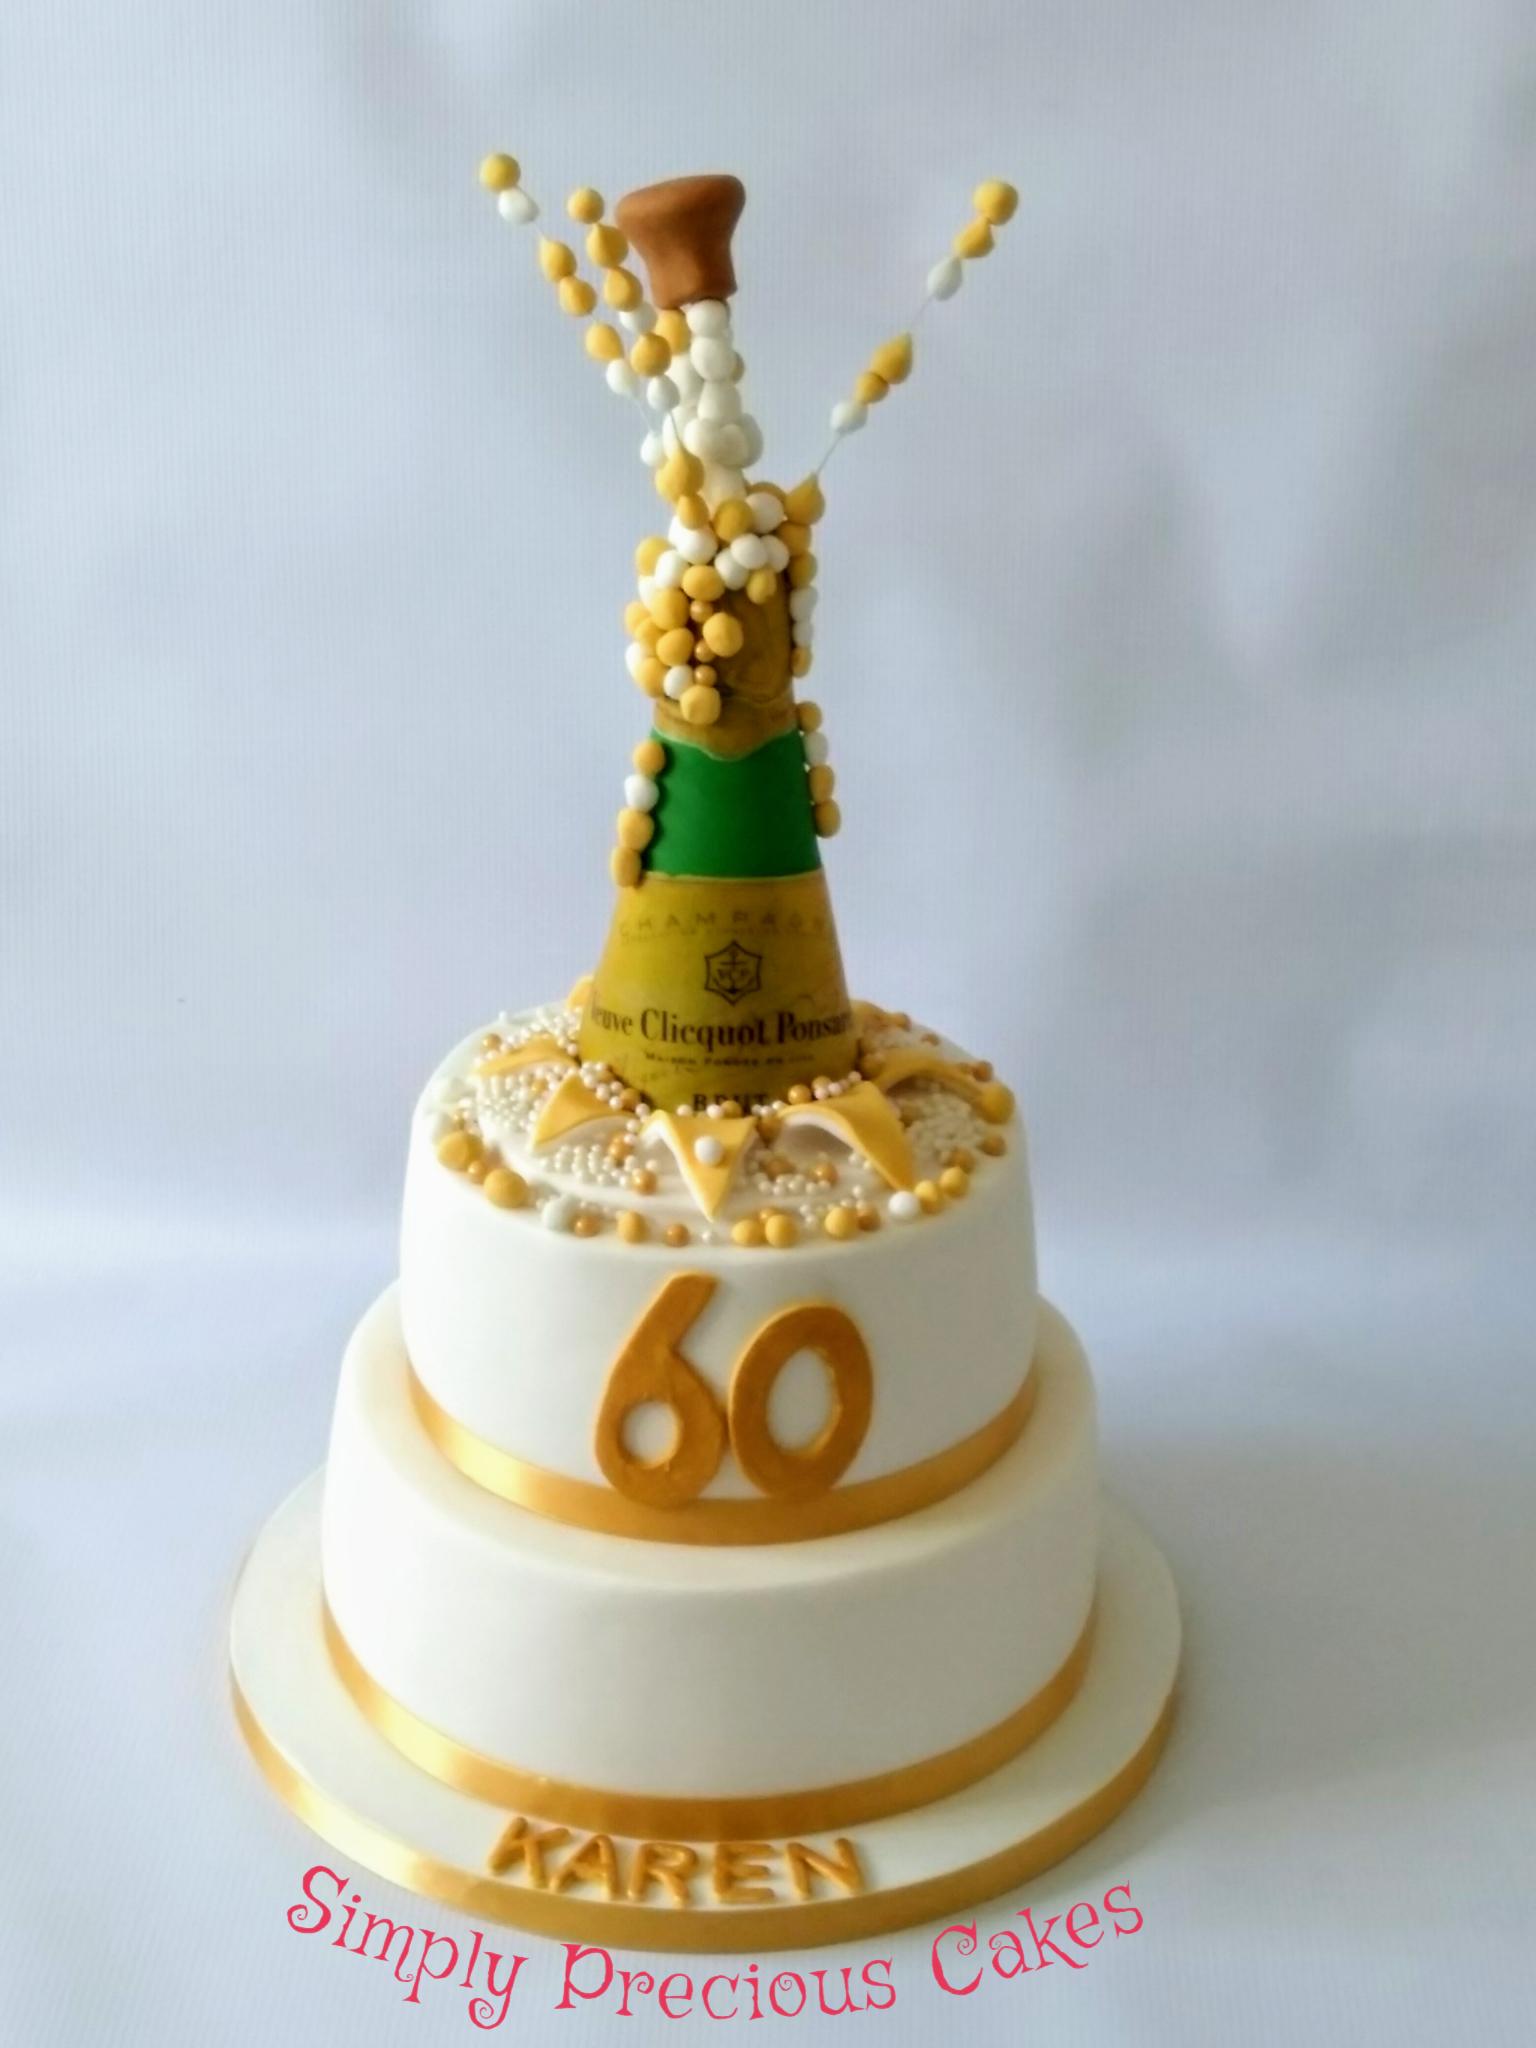 Astounding Adult Birthday Cakes Simply Precious Cakes Personalised Birthday Cards Epsylily Jamesorg